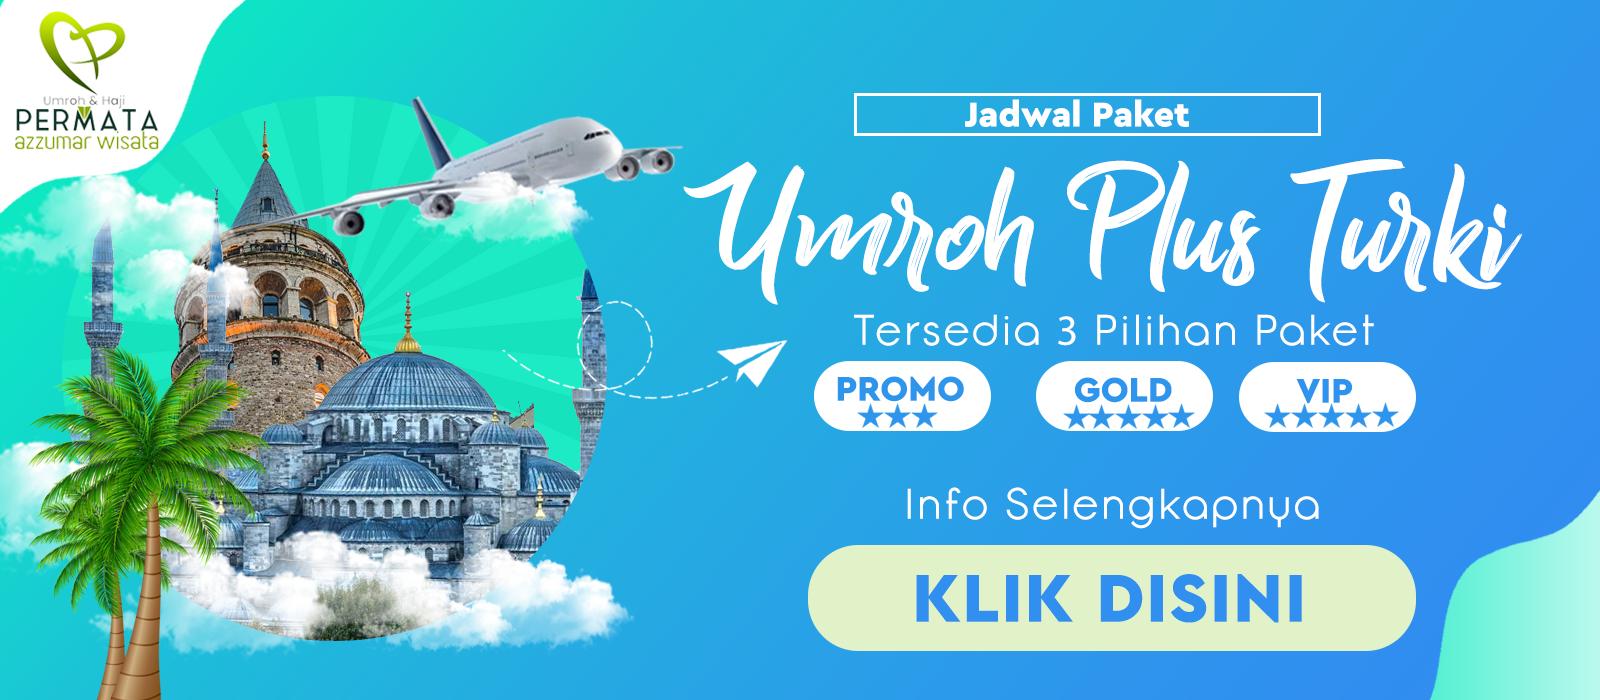 Paket Umroh Plus Turki Murah Biaya Promo Jadwal Tahun 2019 2020